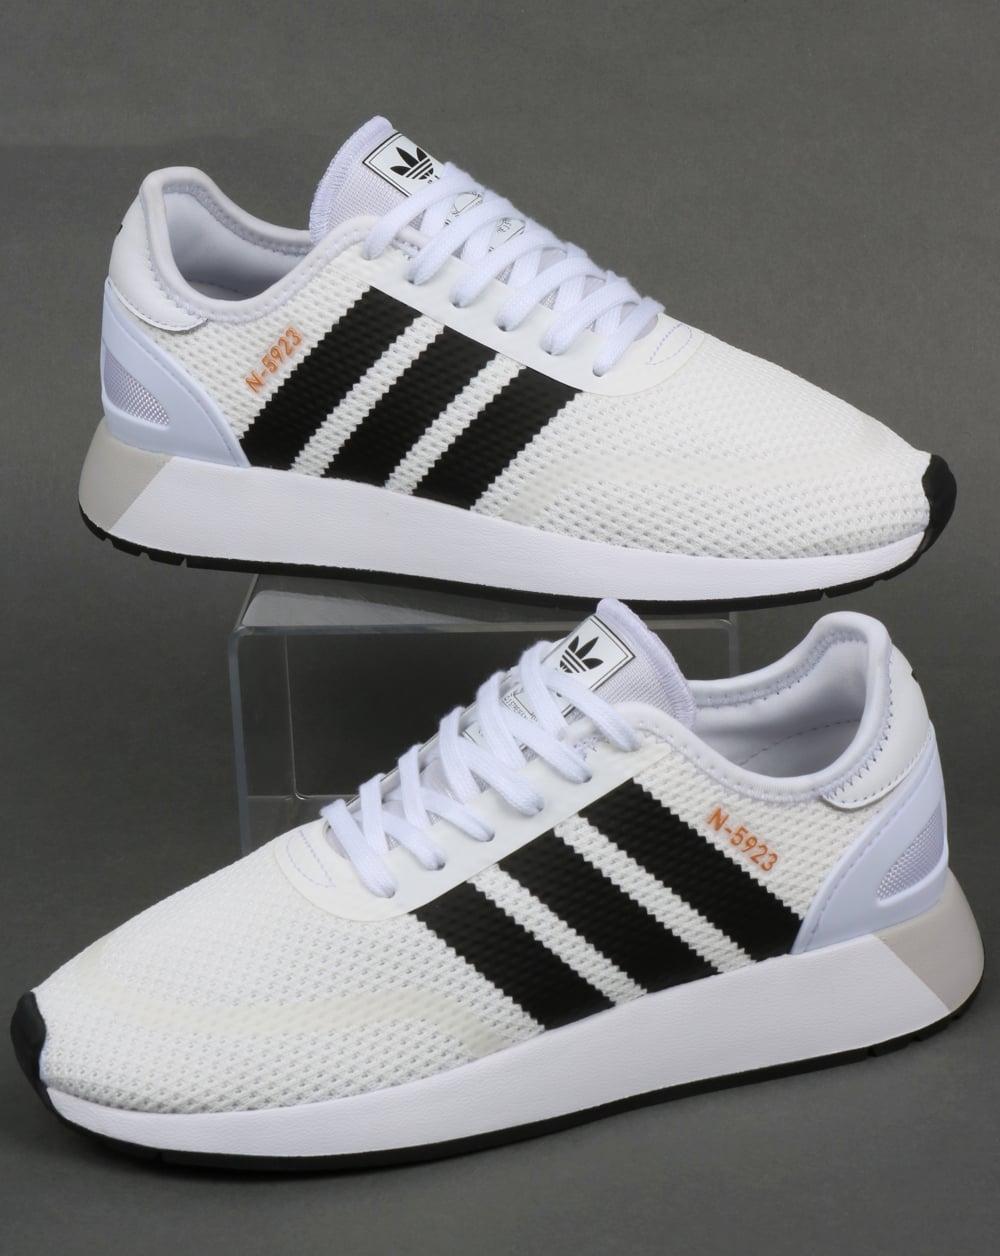 Adidas Shoes Originals White